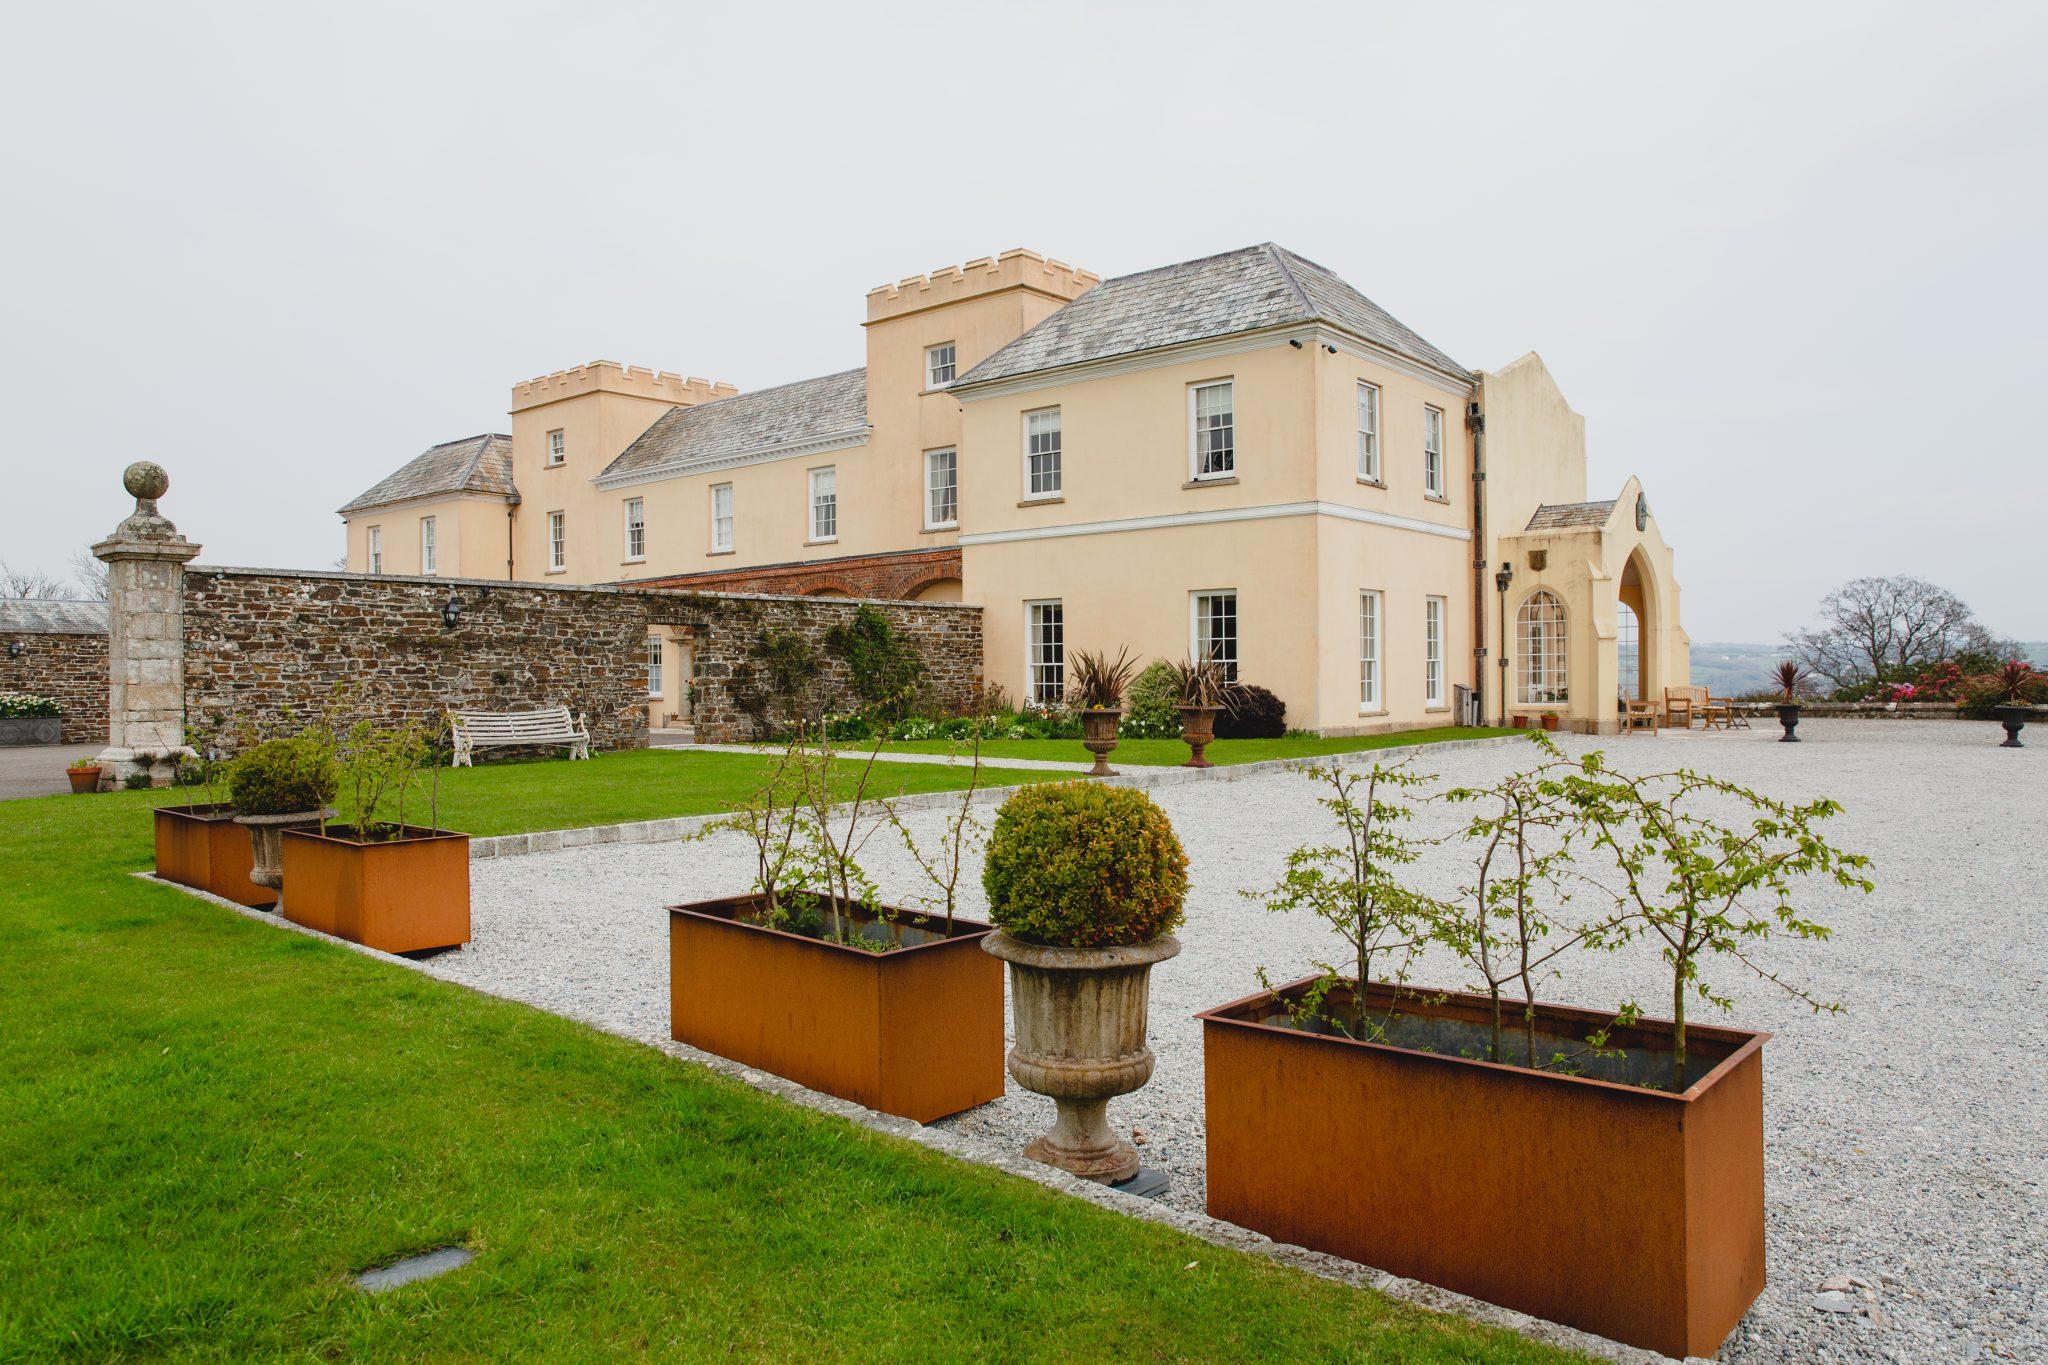 Pentillie Castle Wedding Venue Grounds